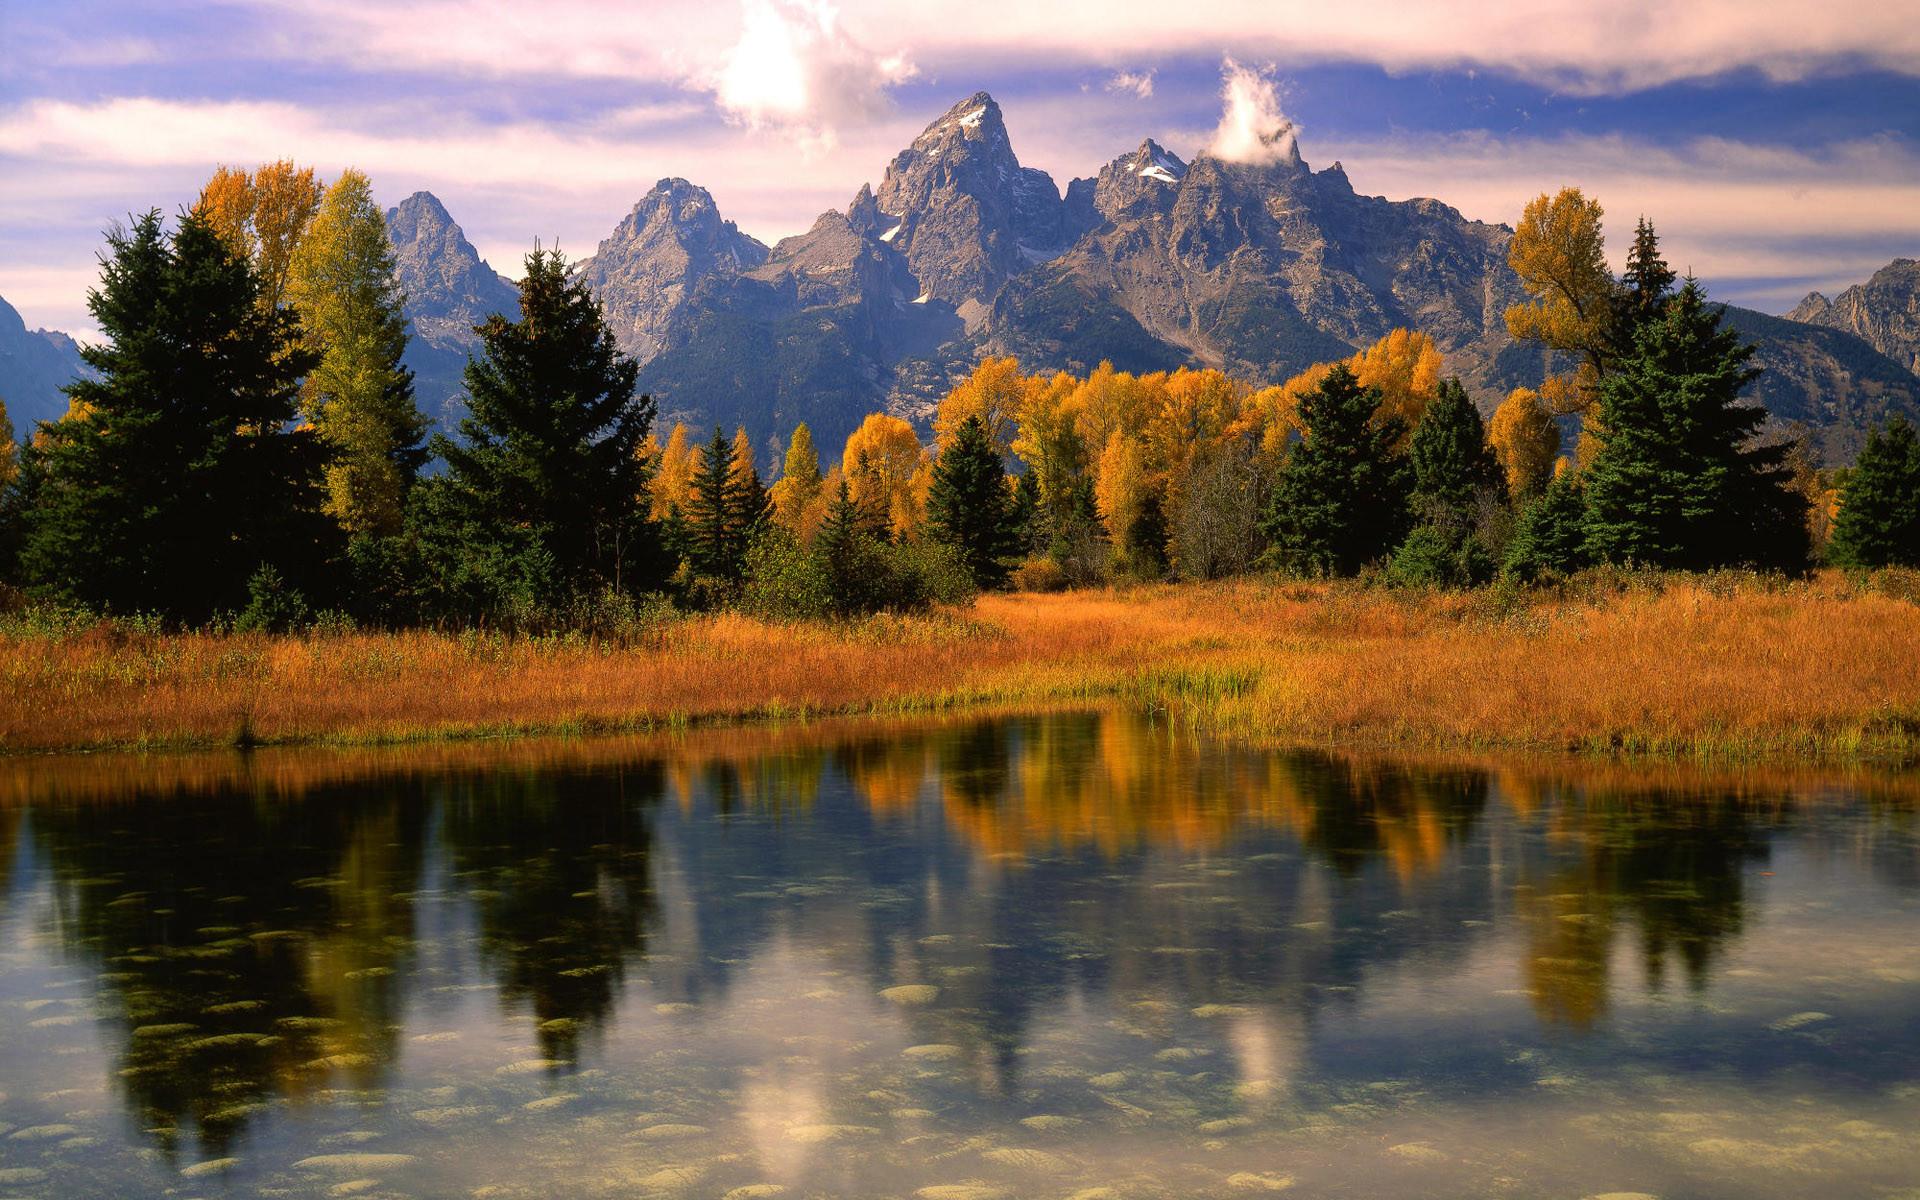 Fall Desktop Wallpaper Mountains | wallpaper, wallpaper hd, background .